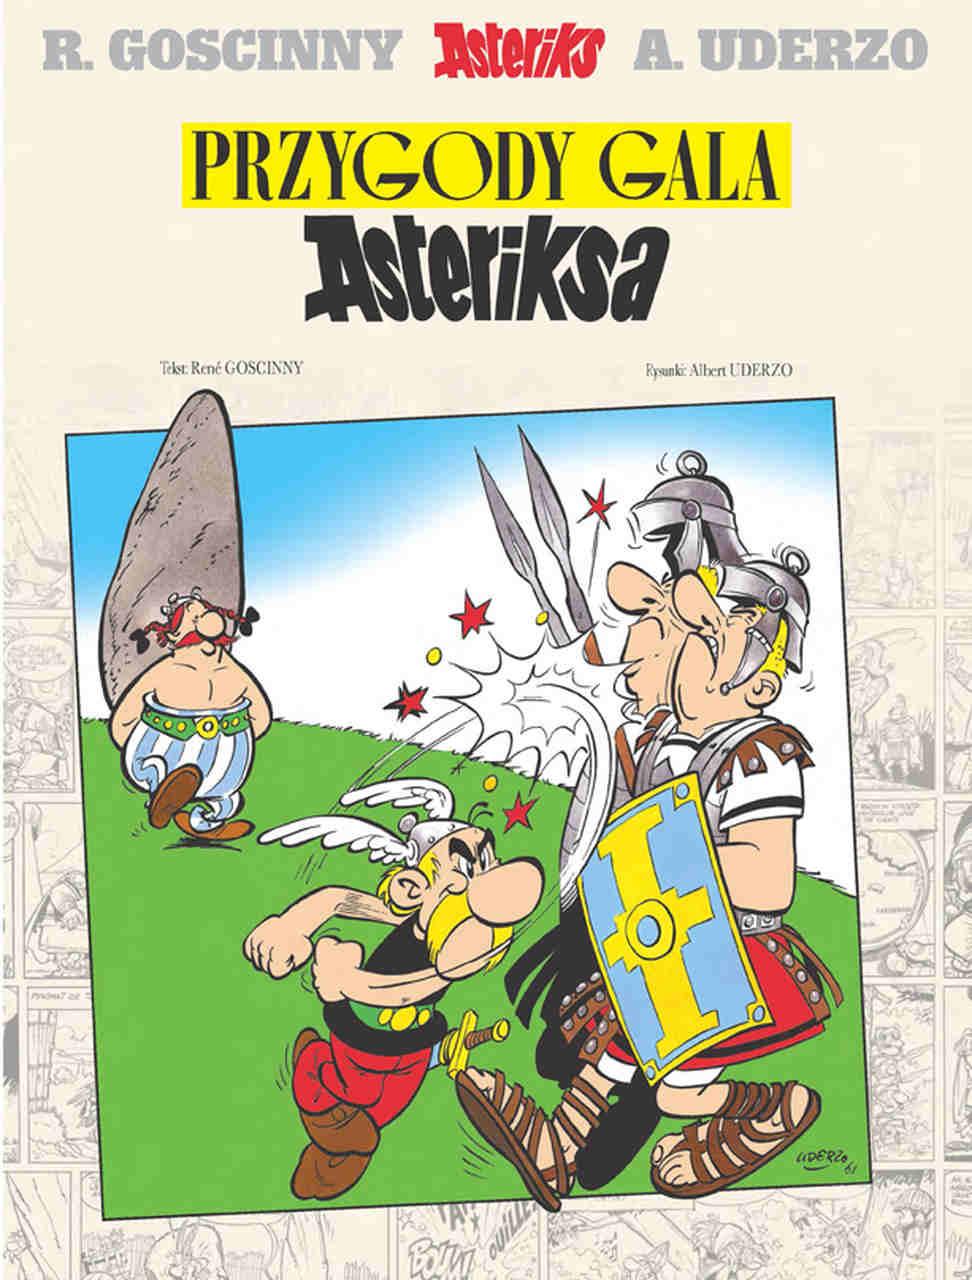 komiksy egmont na wrzesien 2019 przygody gala asteriksa